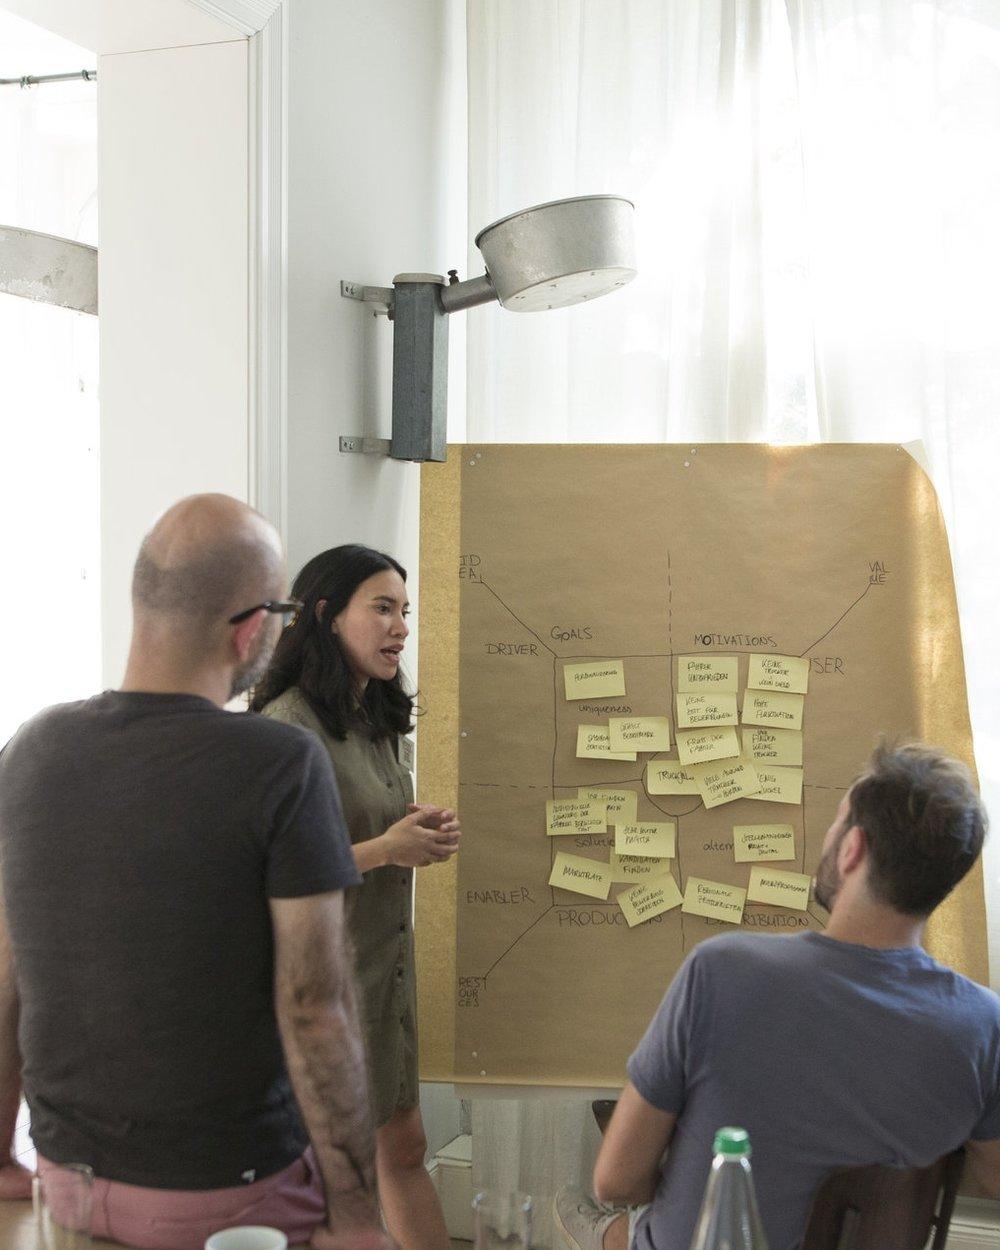 Wir arbeiten mit ambitionierten Startups - Das Silicon Pauli Patrons Program ist ein High Intensity Training für Startups - kostenlos. Wir arbeiten zwei Tage lang sehr intensiv mit 6 Gründerteams und lassen sie am Ende vor Publikum pitchen.